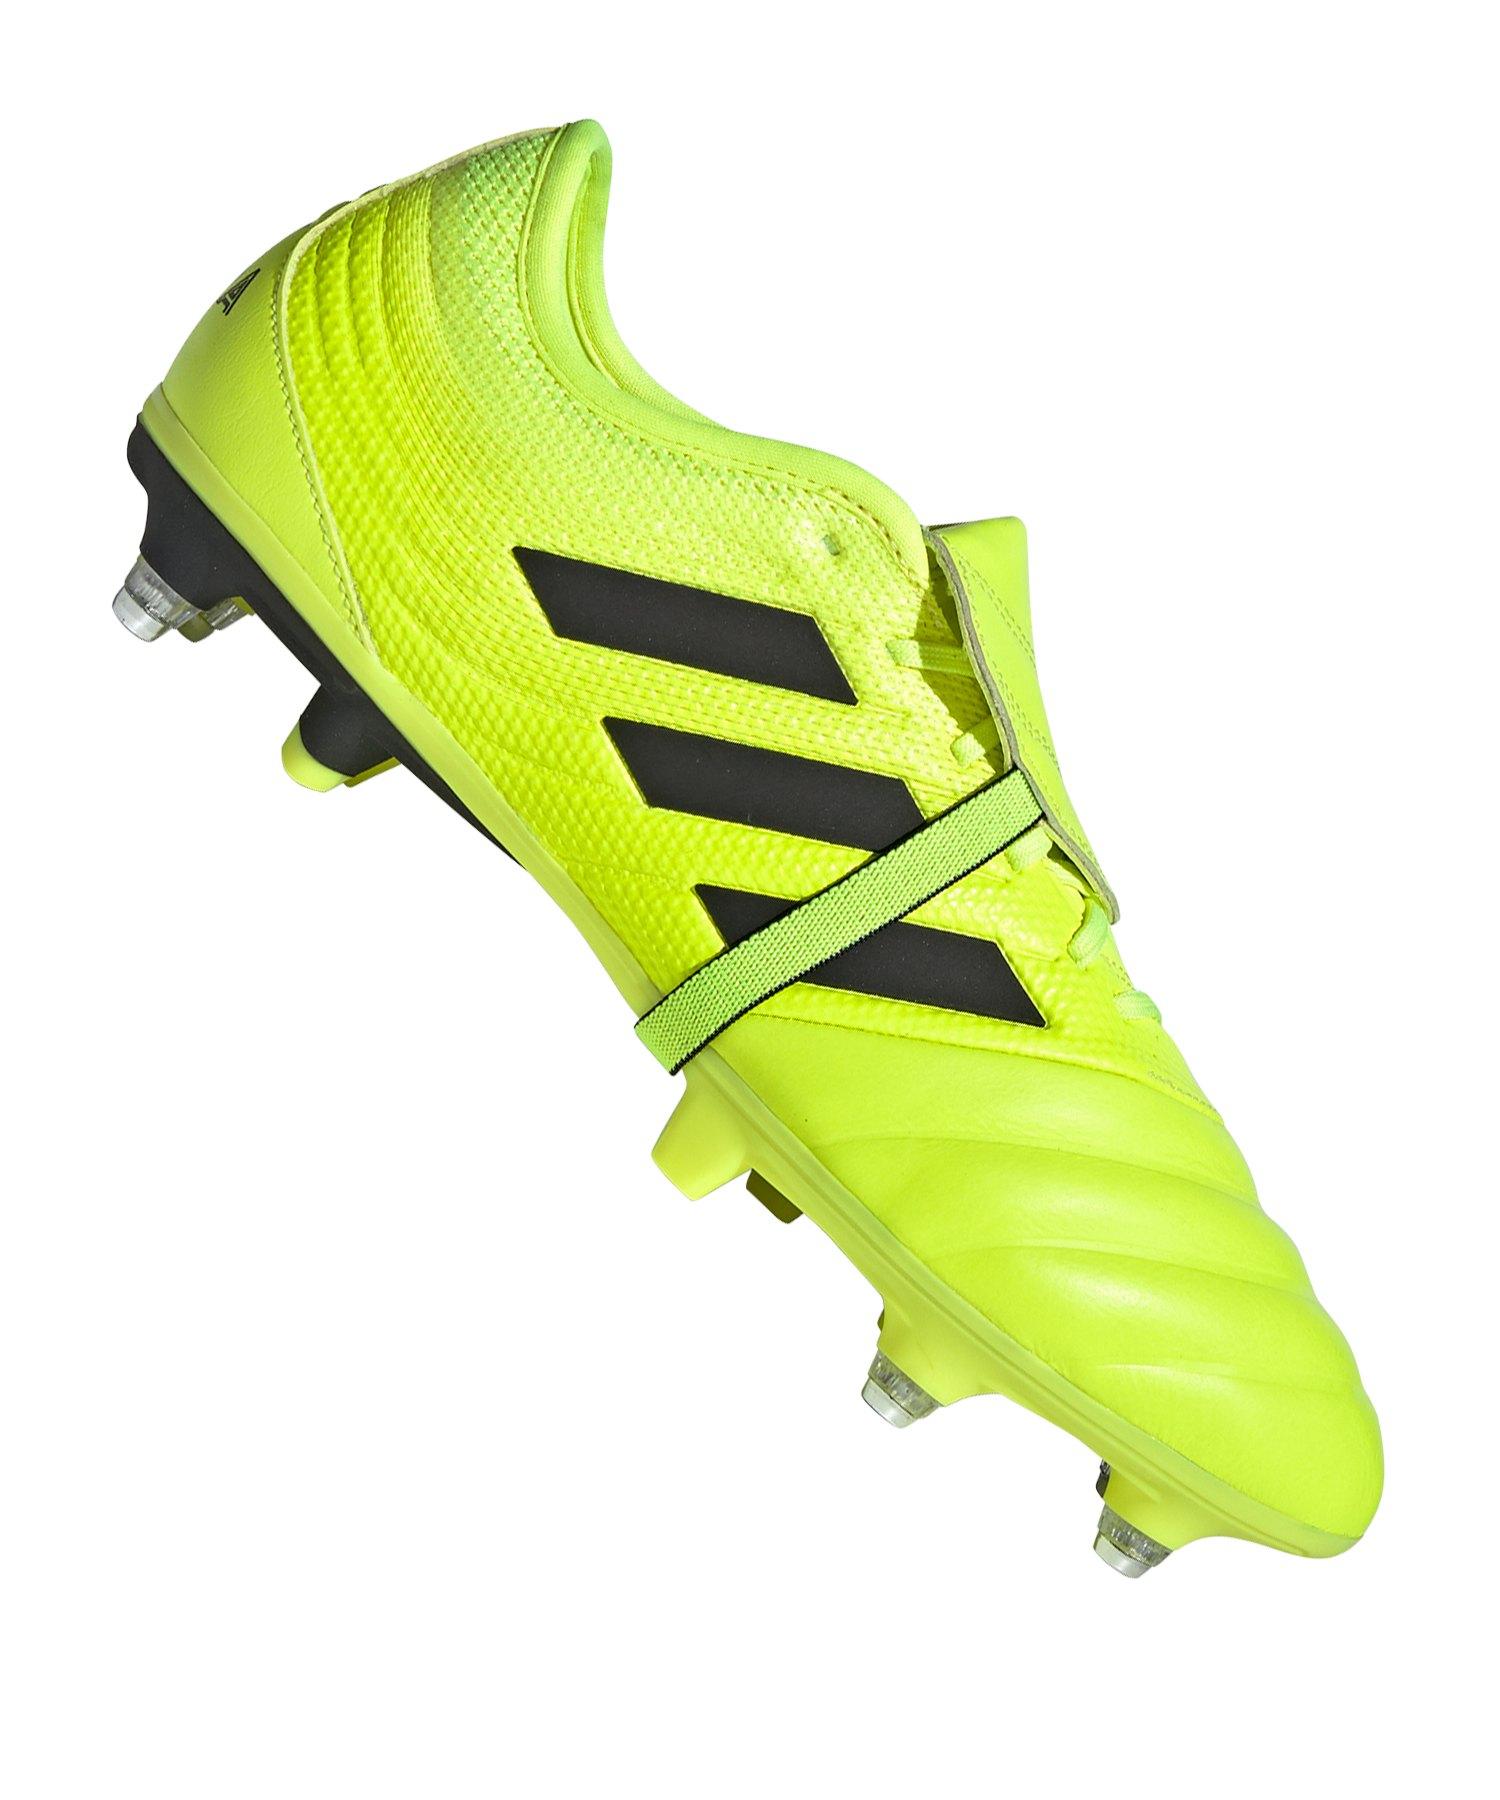 adidas COPA Gloro 19.2 SG Gelb - gelb